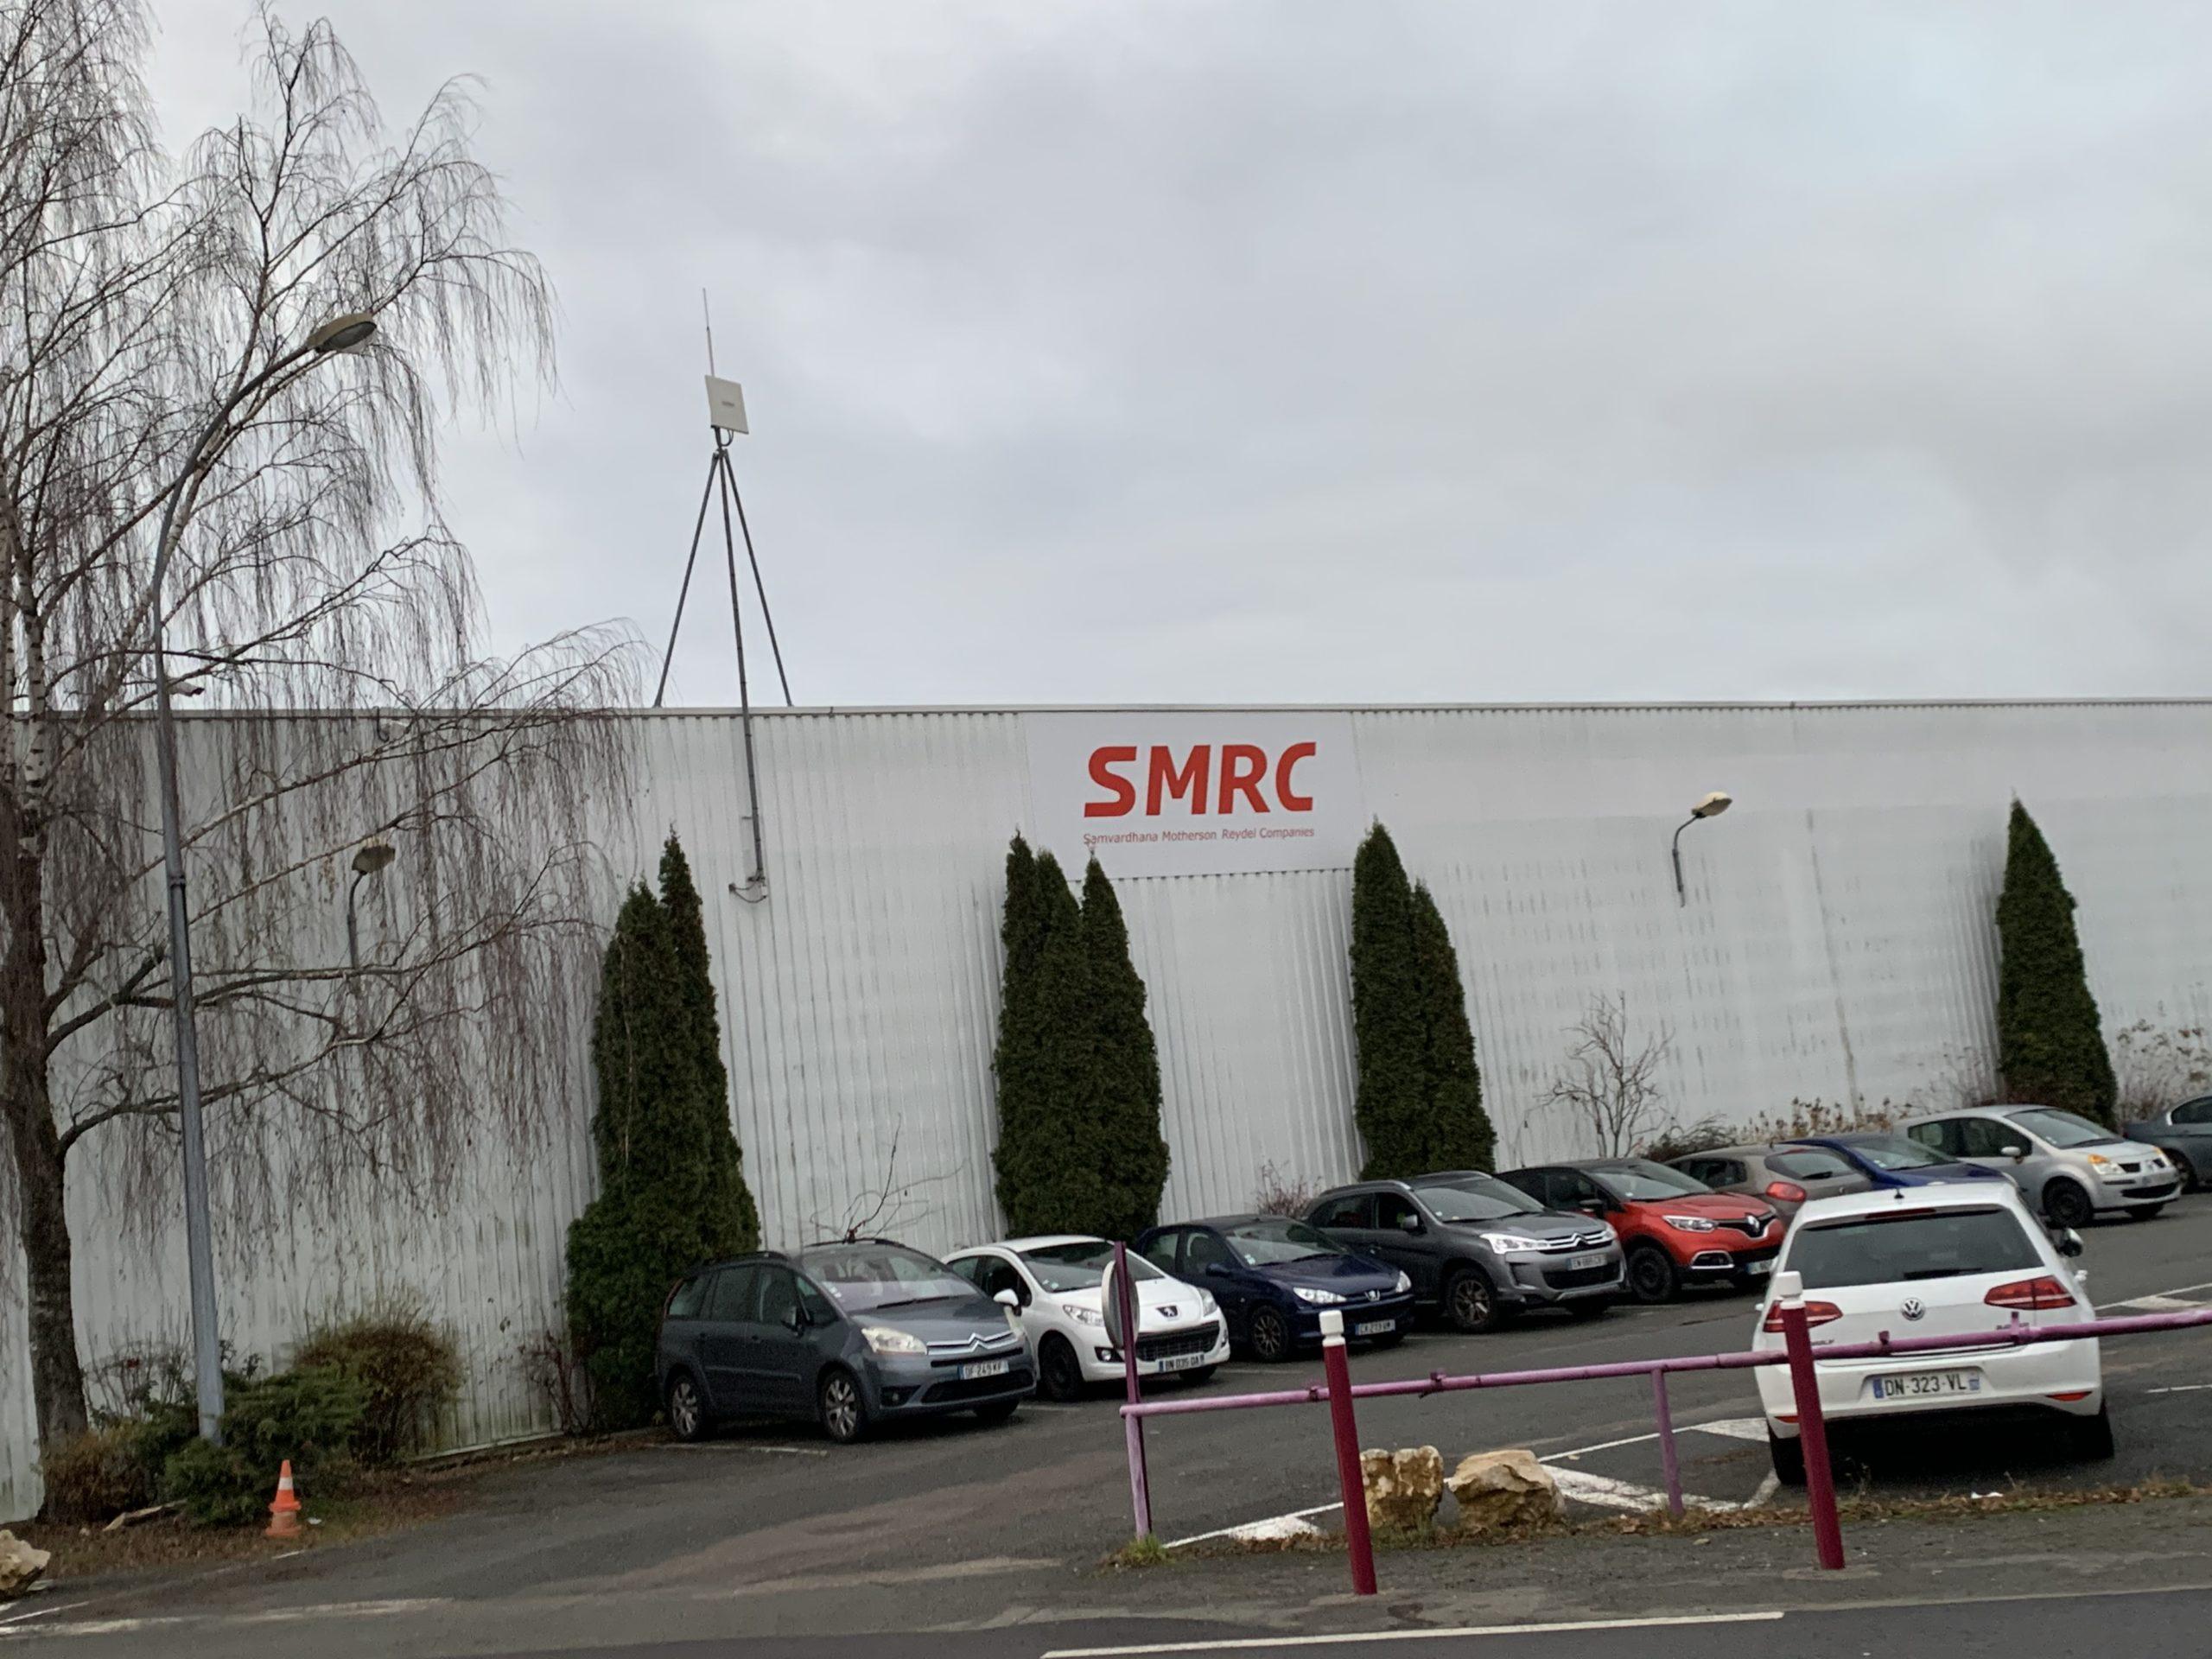 Unité n°1 de SMRC, à Rougegoutte, dans le Territoire de Belfort, un équipementier de PSA.